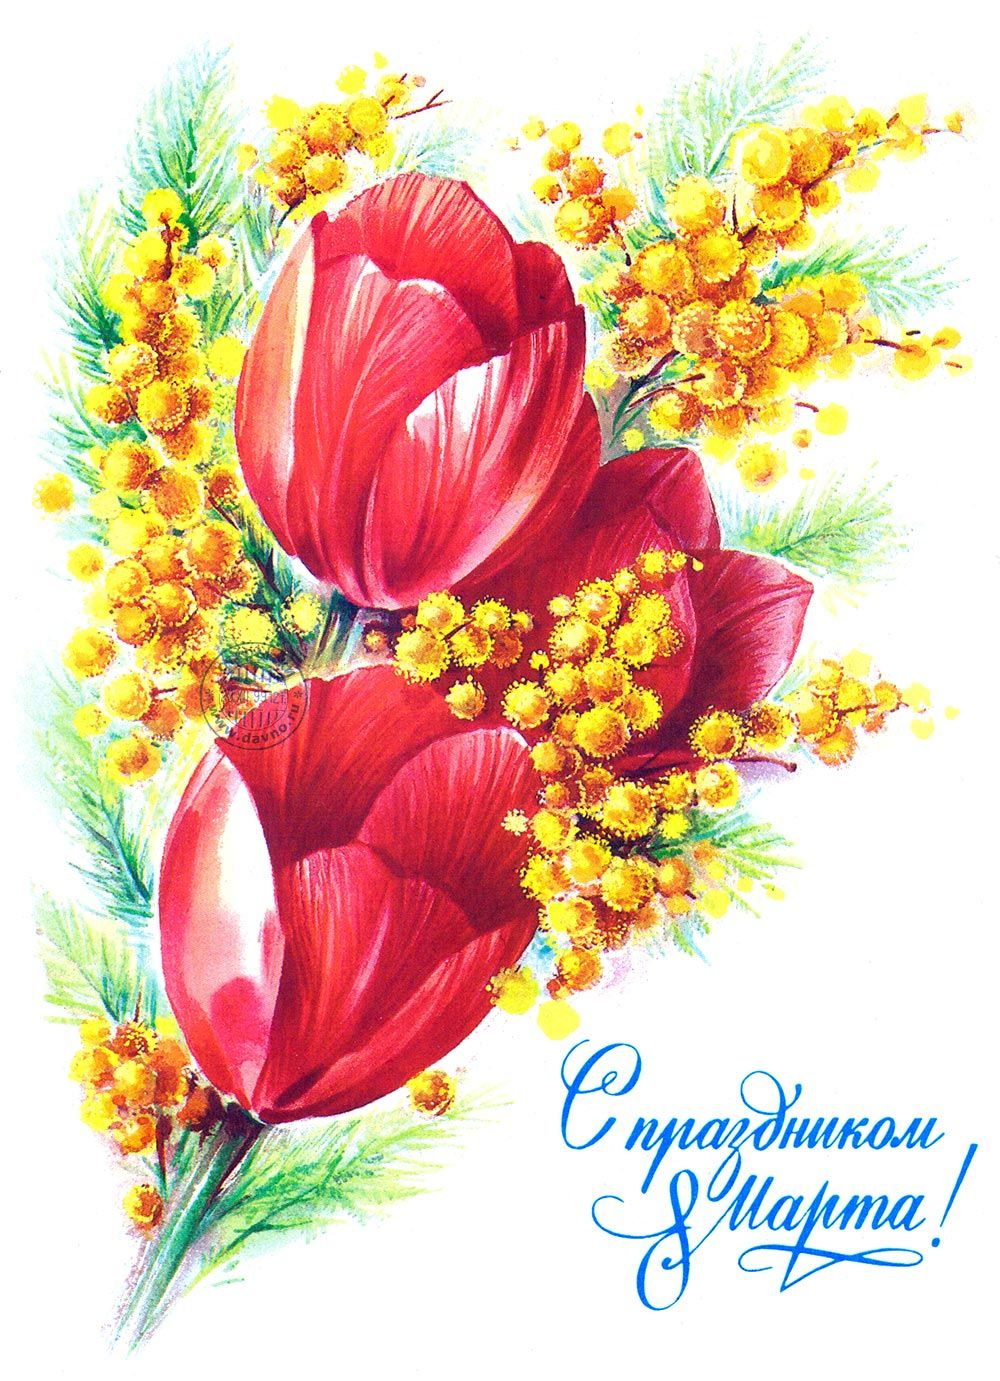 Цветочные открытки 8 марта, мая днем